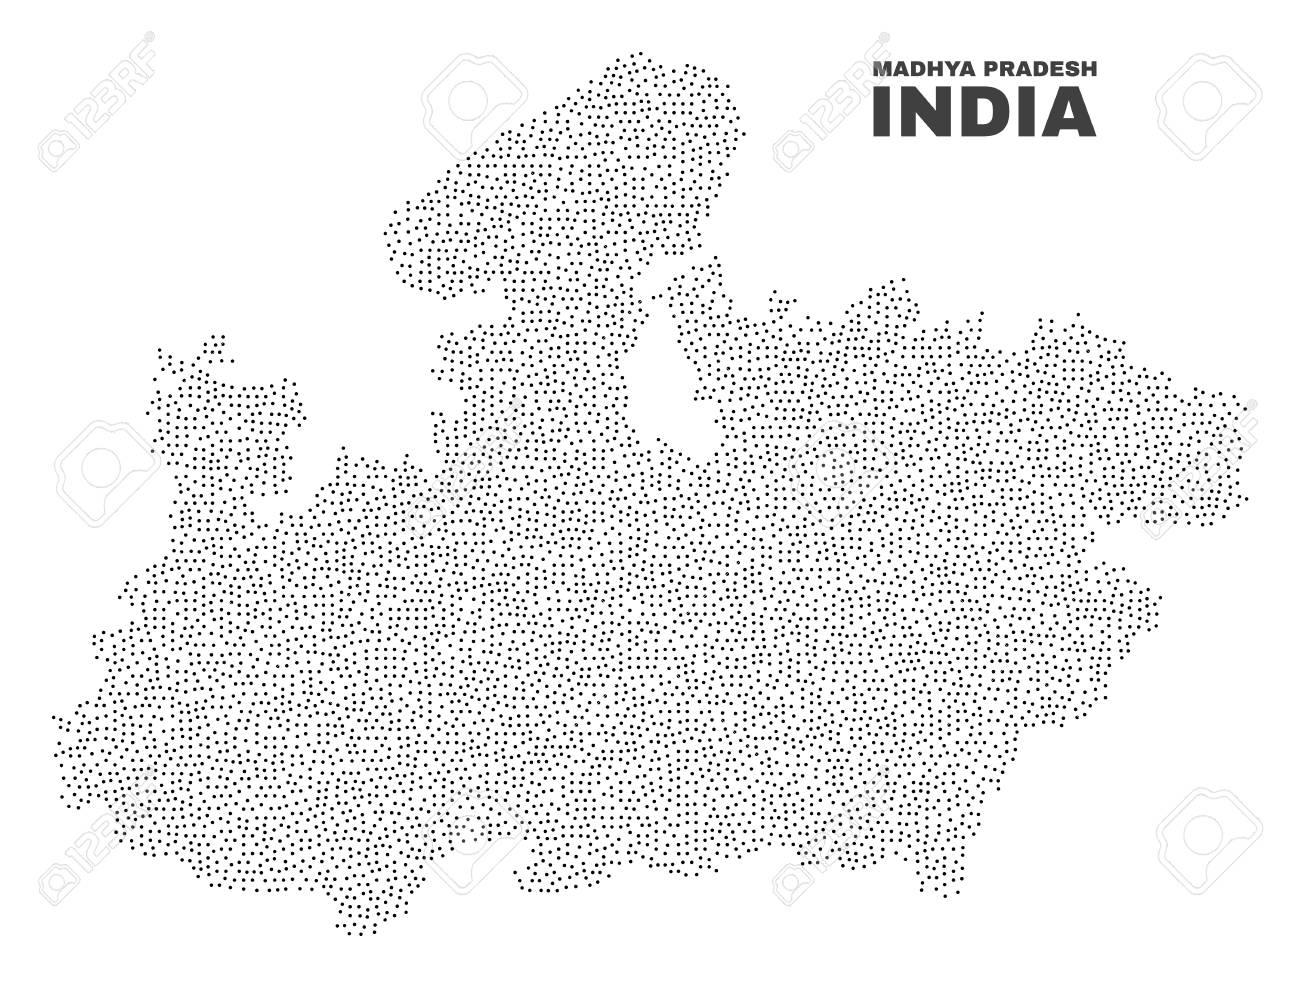 Madhya Pradesh State Map on jharkhand state map, gujarat state map, orissa state map, bihar state map, haryana state map, chhattisgarh state map, kerala state map, assam state map, tamil nadu state map, telangana state map, bengal state map, maharashtra state map, karnataka state map, punjab state map, uttaranchal state map, andhra state map,